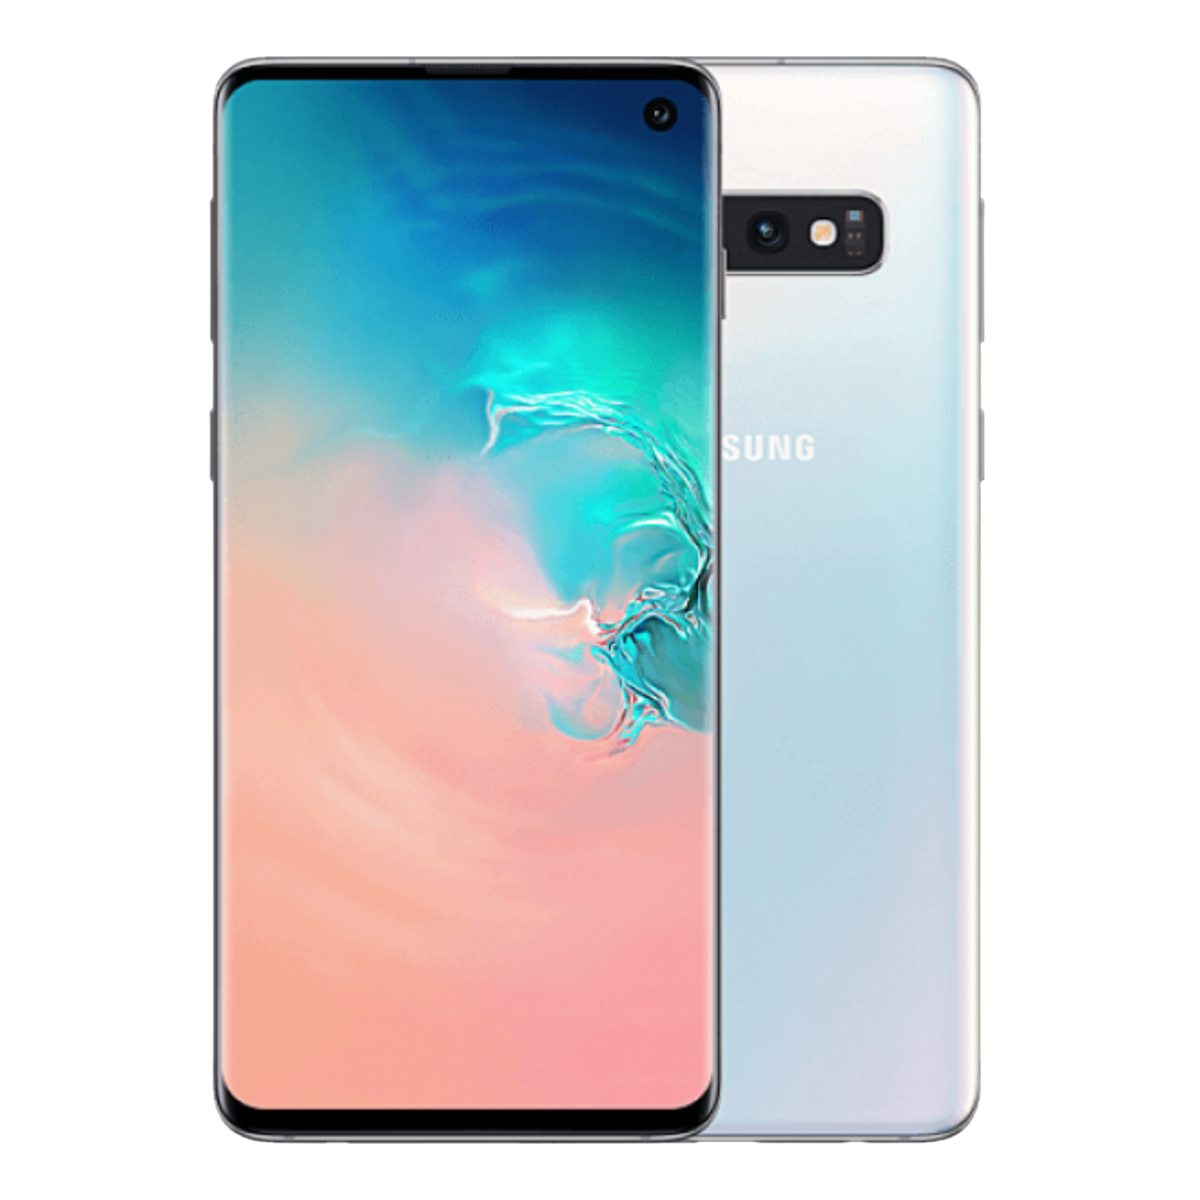 Sim Free Samsung Galaxy S10 Plus 128GB Unlocked Mobile Phone - Prism White